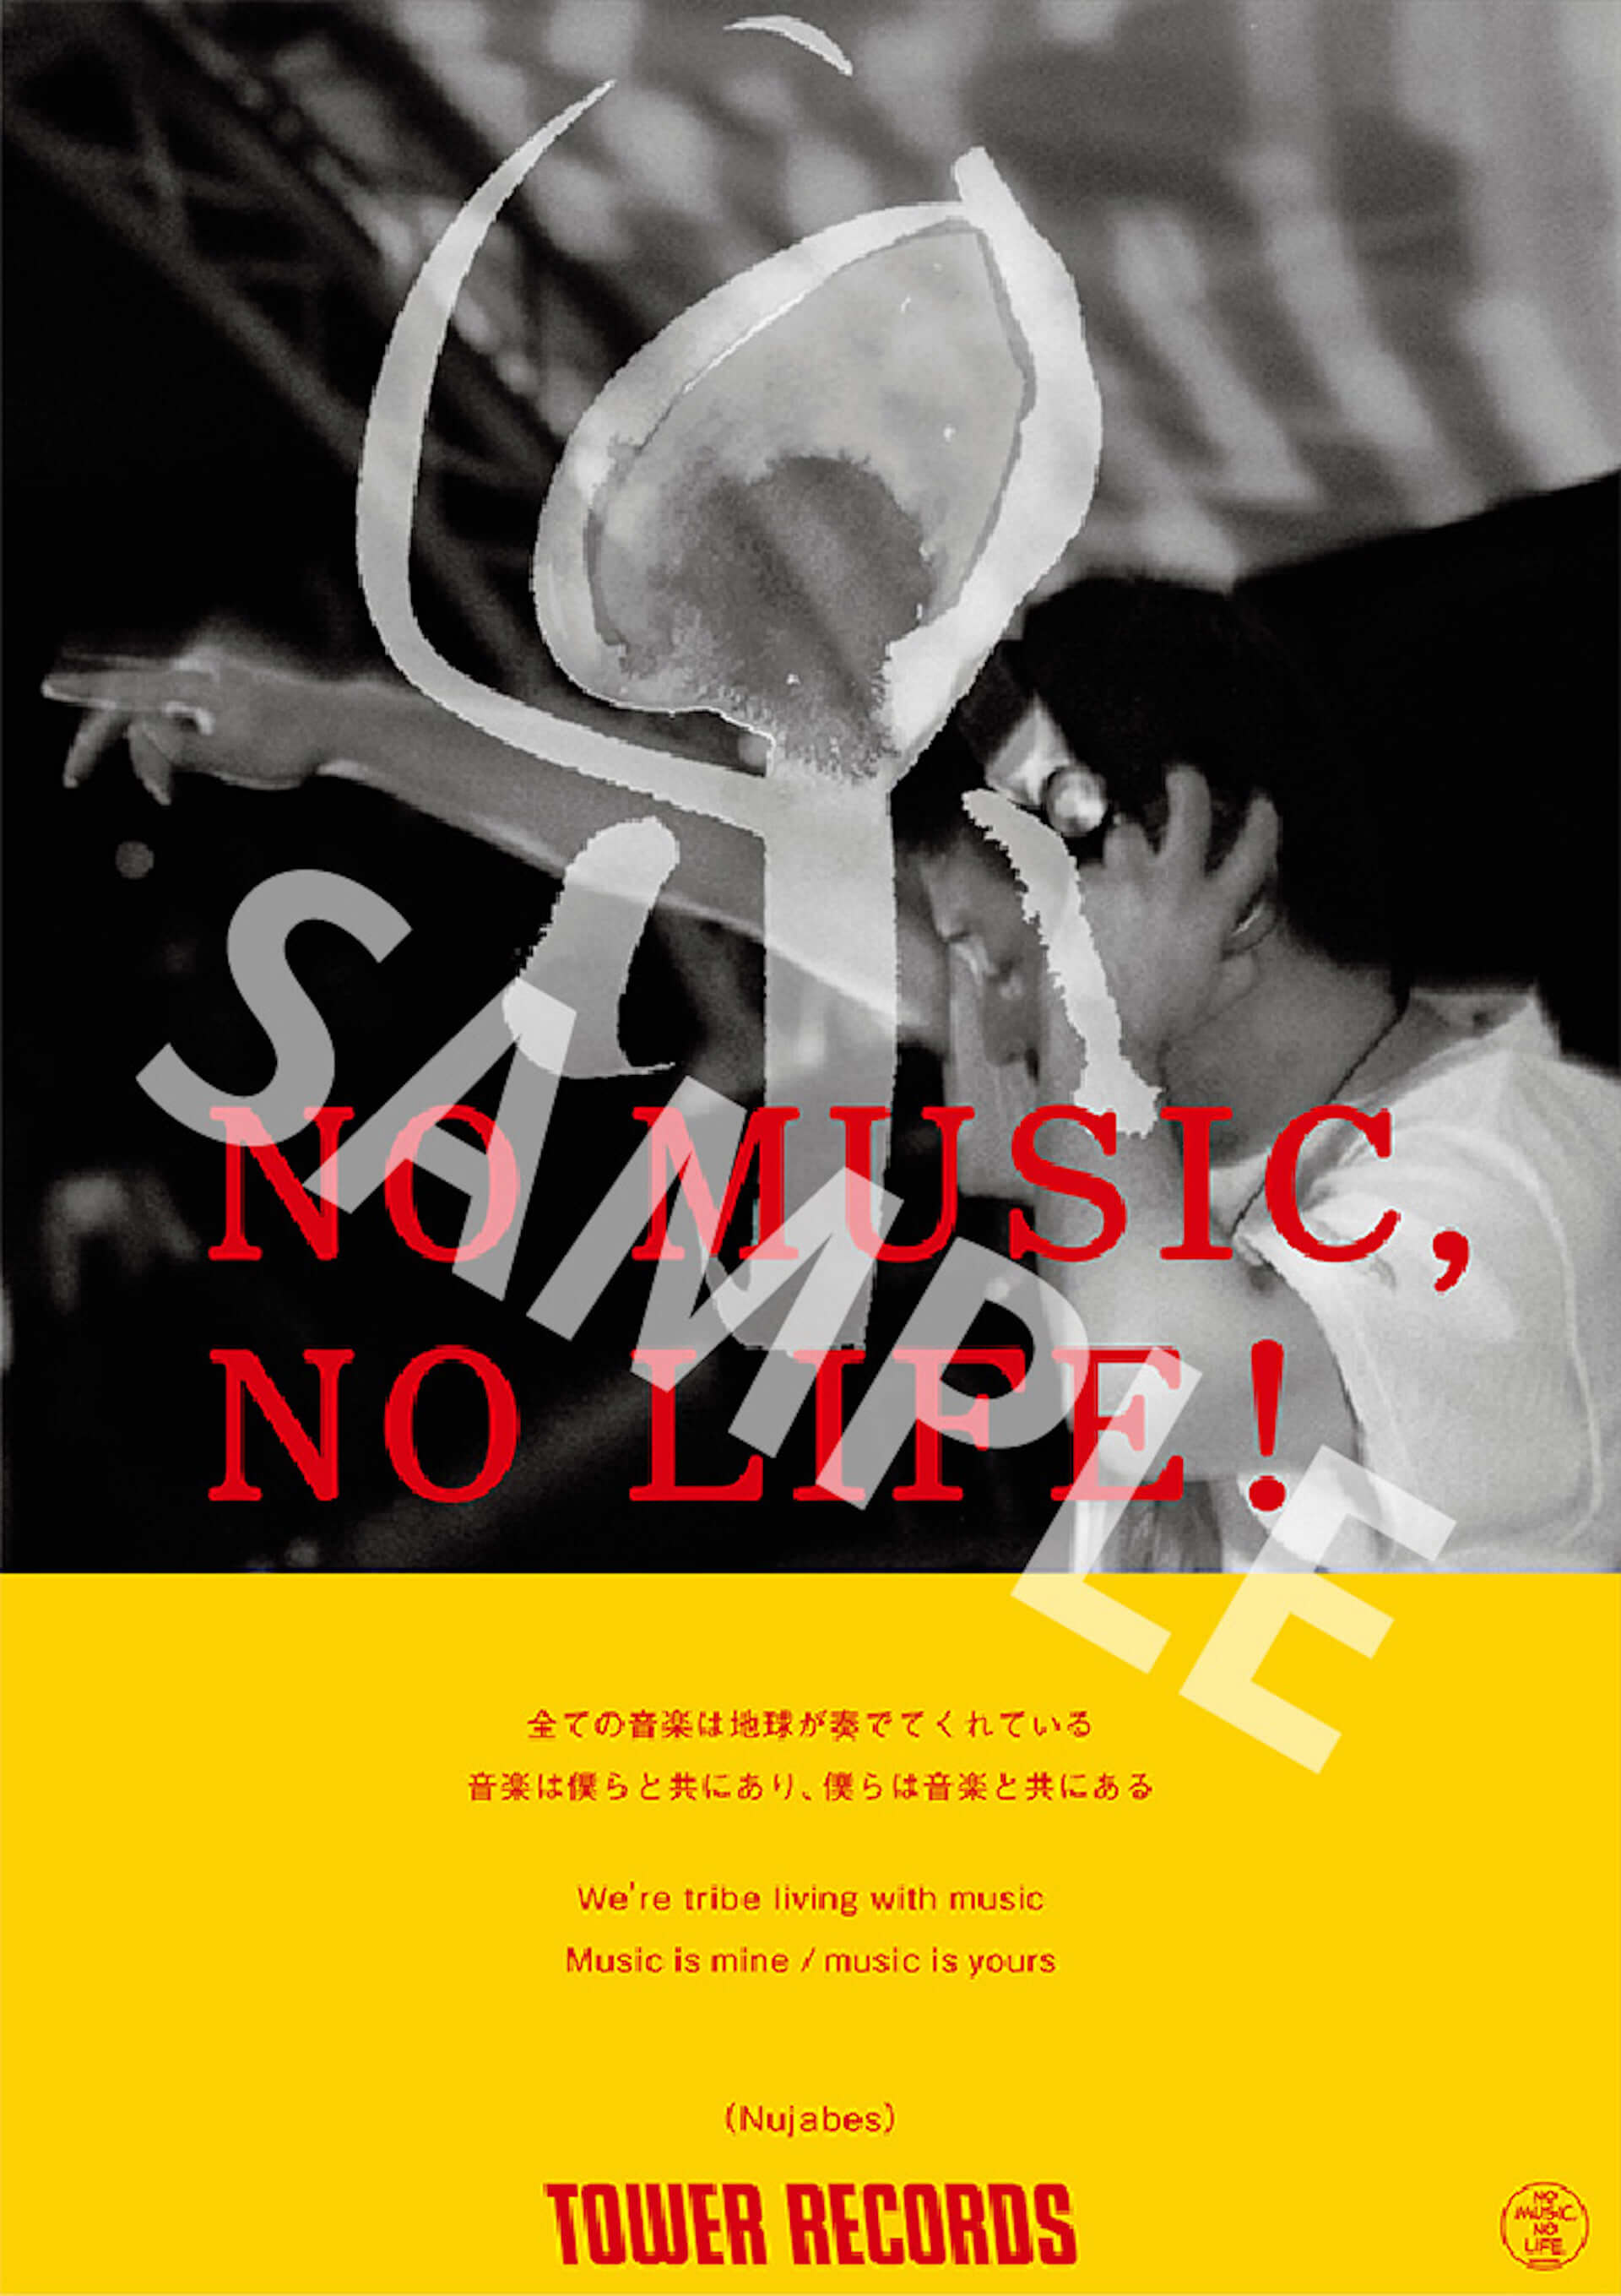 タワーレコード「NO MUSIC, NO LIFE.」ポスターシリーズにNujabesとDJ Mitsu the Beatsが初登場|ポスターの先着プレゼントも決定 music200212_nomusicnolife_5-1920x2719